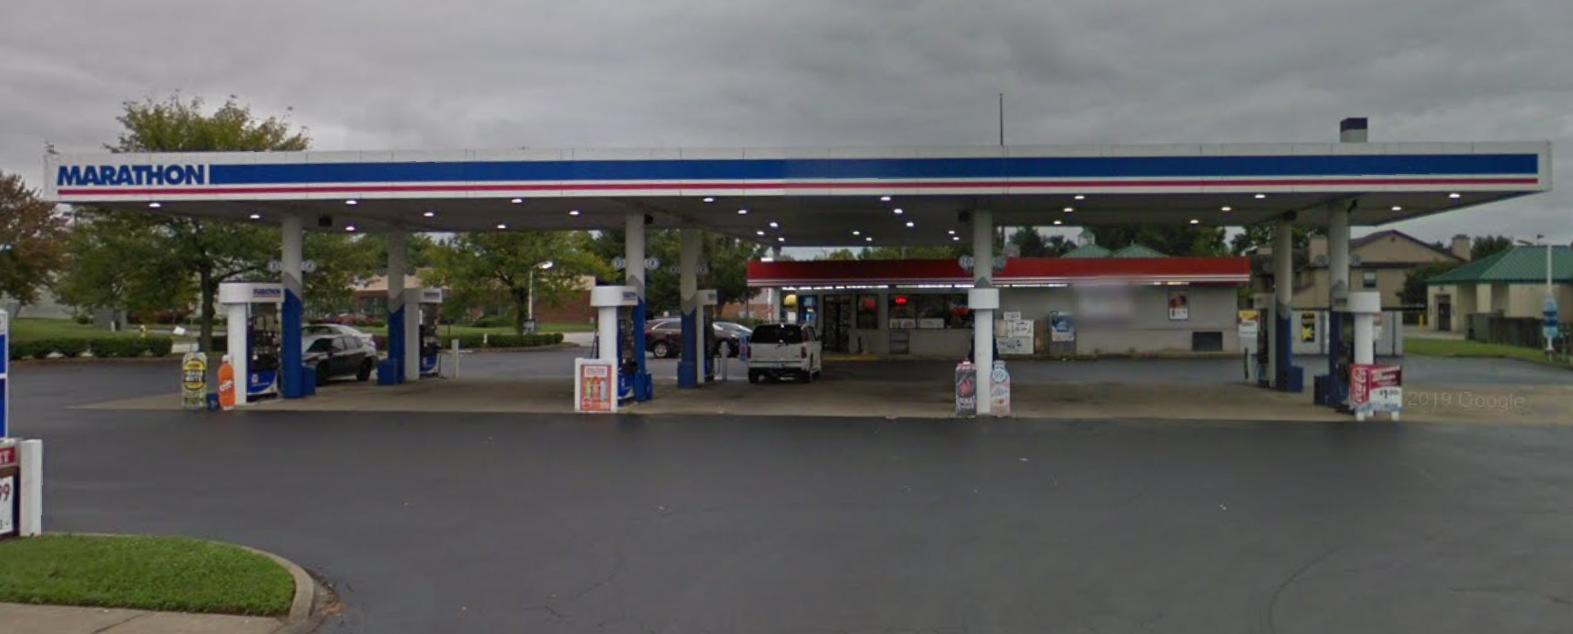 Marthon Gas Louisville - CoinCloud